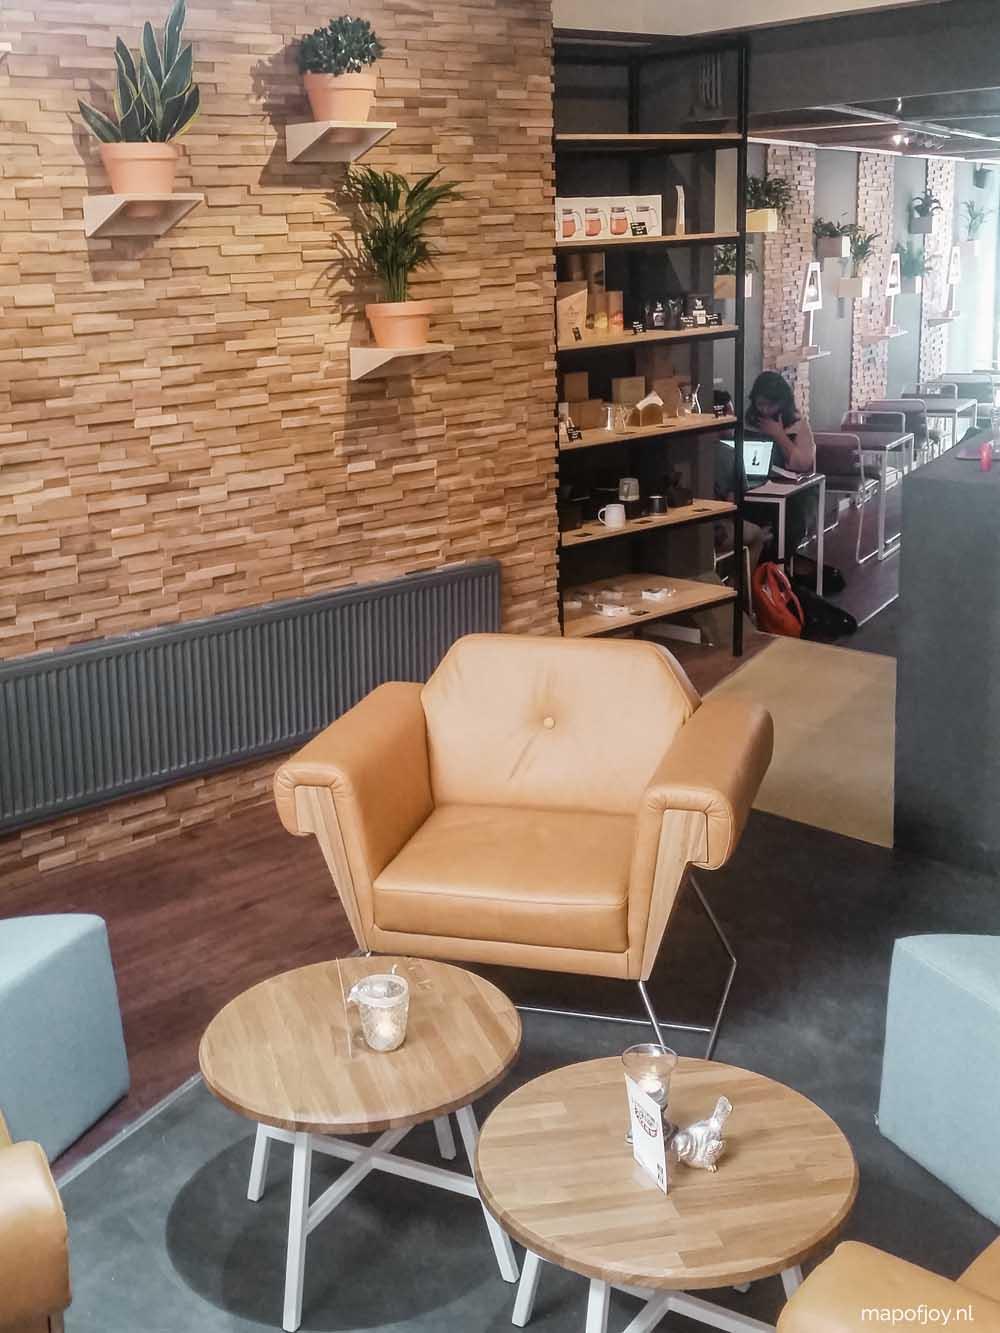 Kaafi, food hotspot Den Haag - Map of Joy